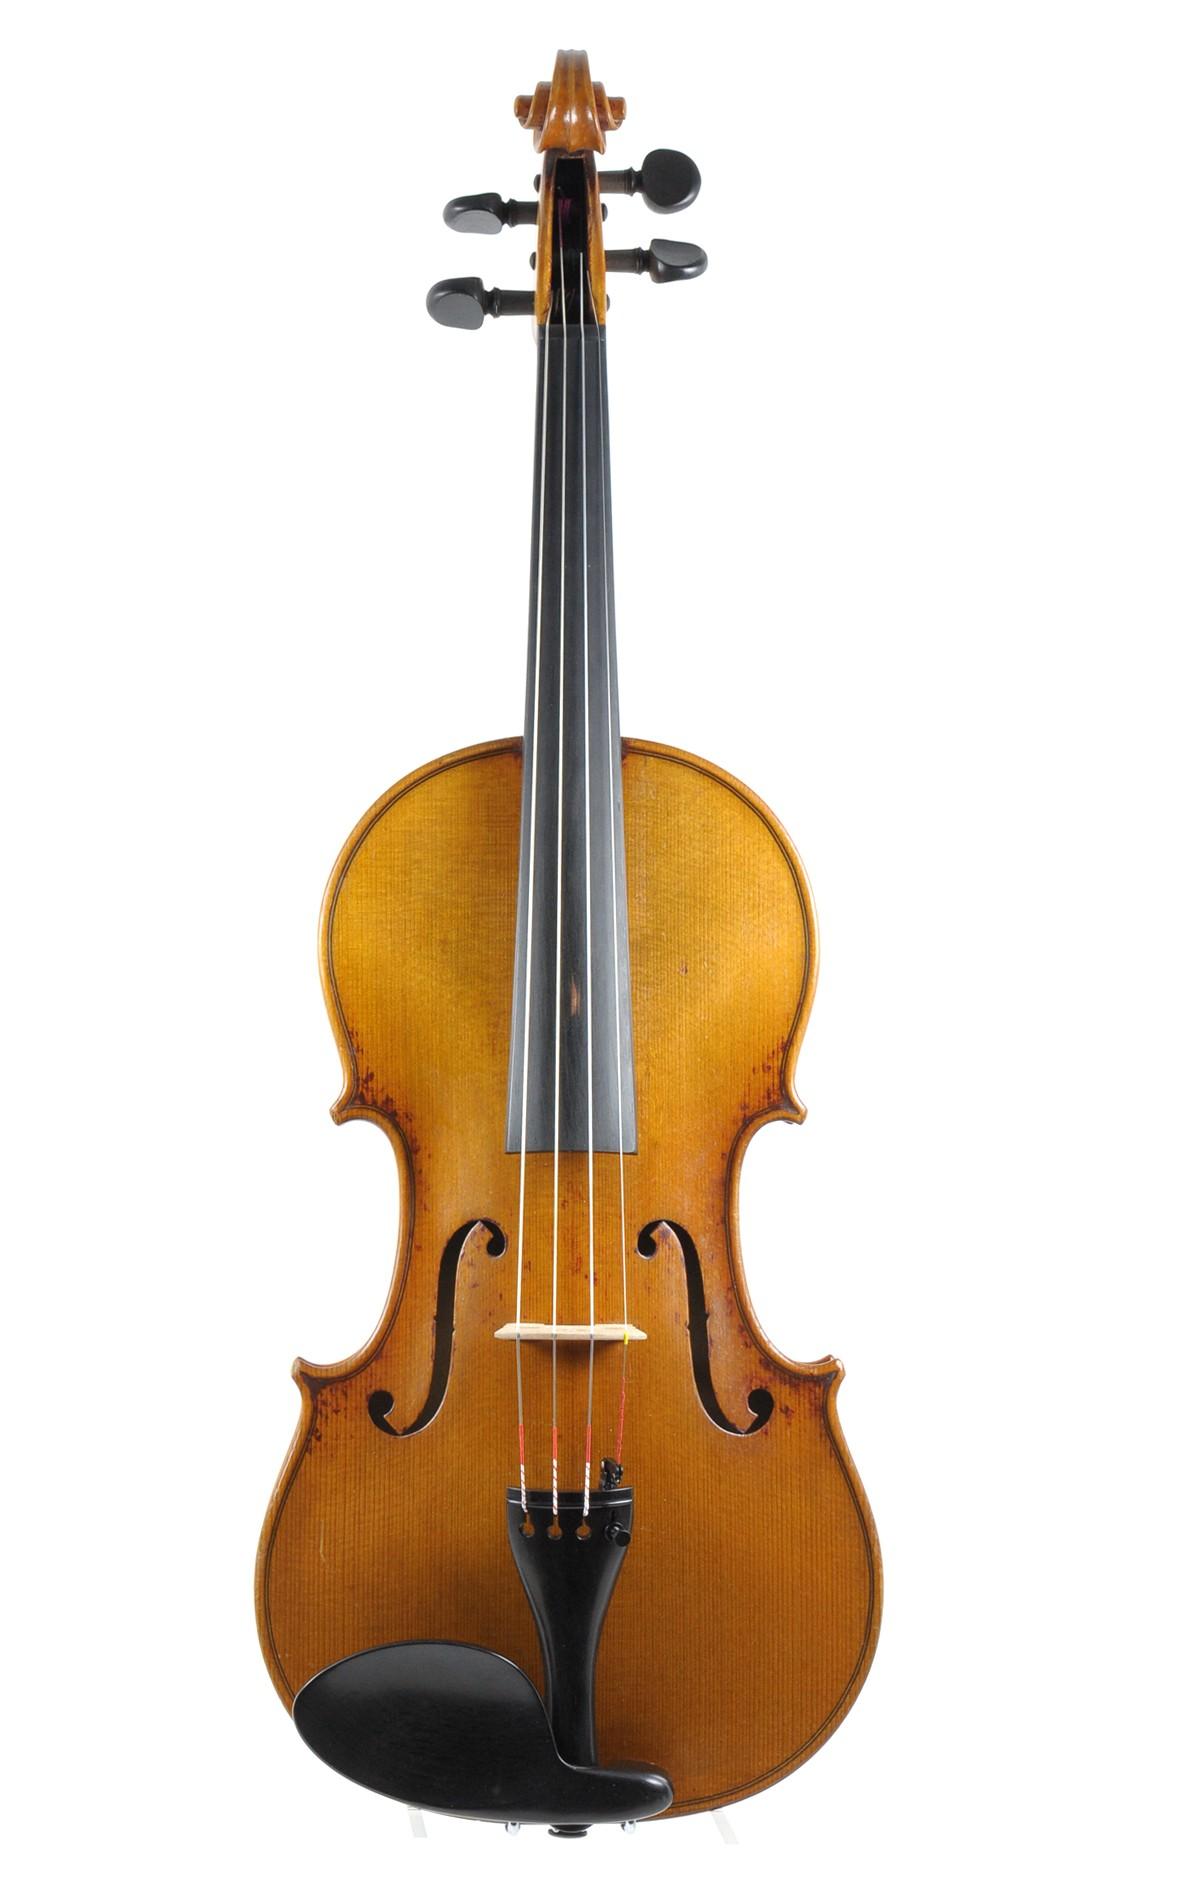 Max Richard Herold master violin, approx. 1930 - front view